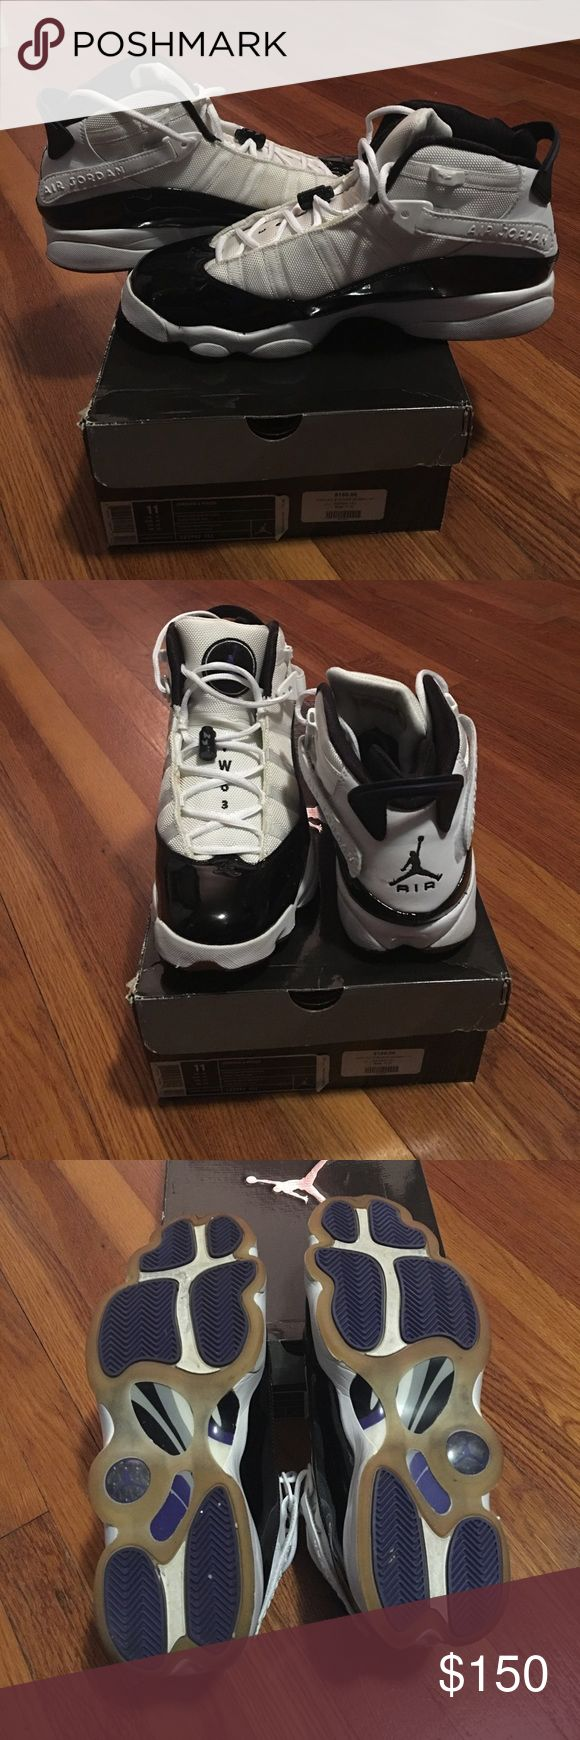 Jordan 6 Rings Black and white Jordan 6 Rings. Worn but in great condition! Jordan Shoes Sneakers